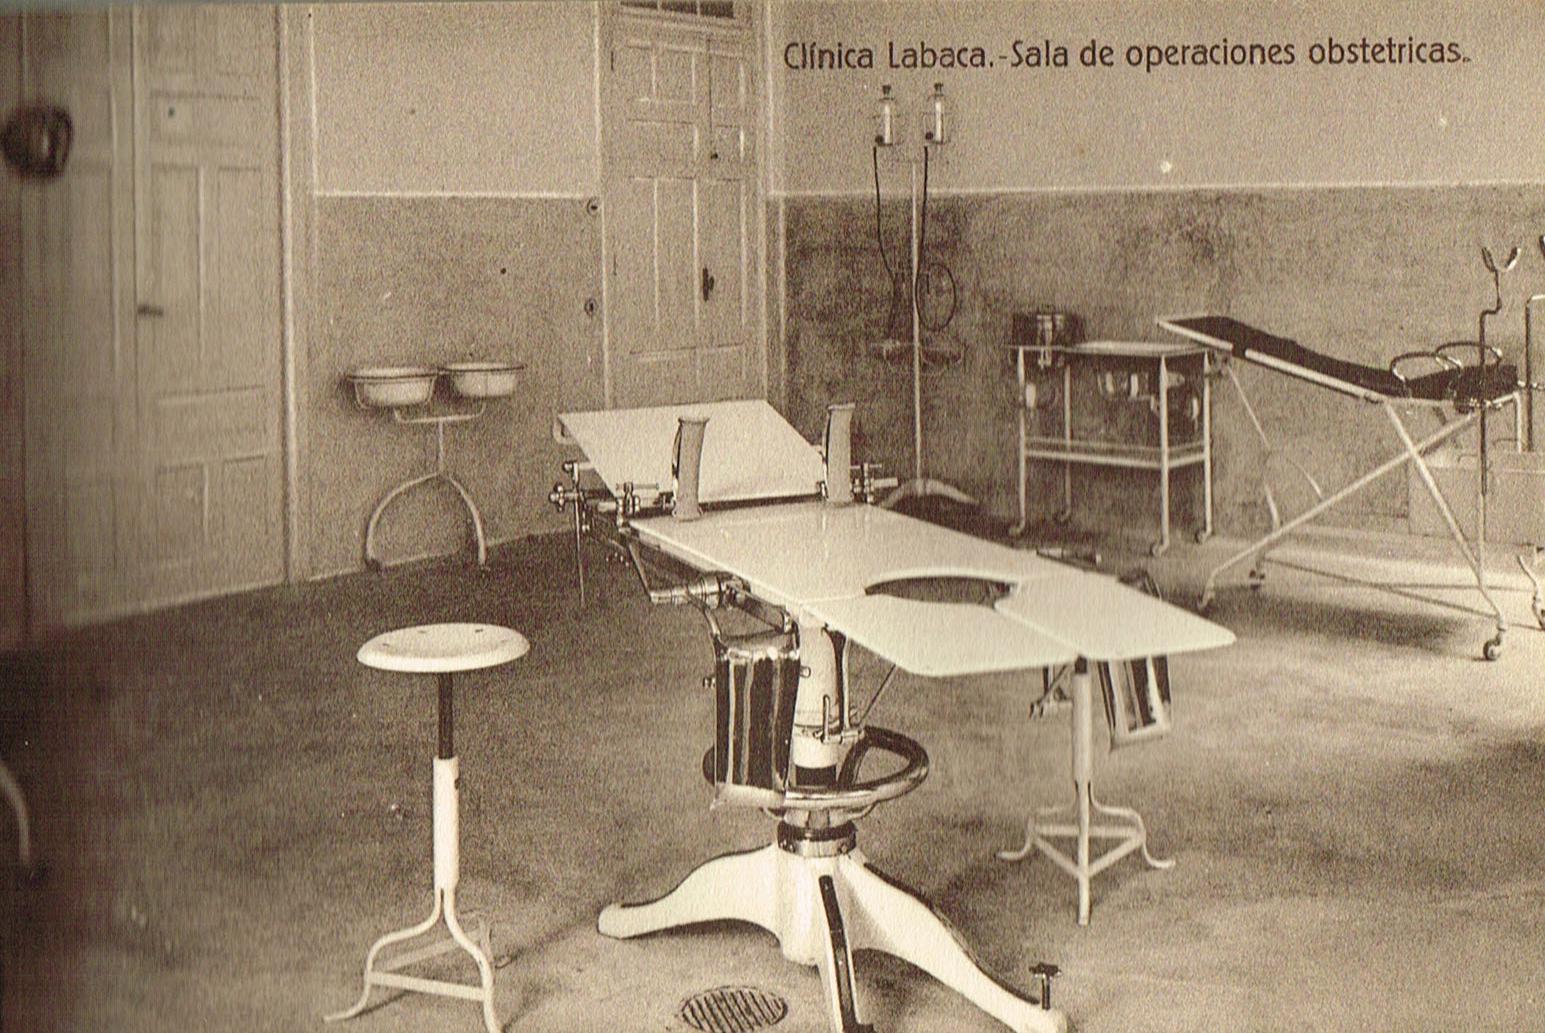 Clínica Labaca, sala de operaciones obstétricas